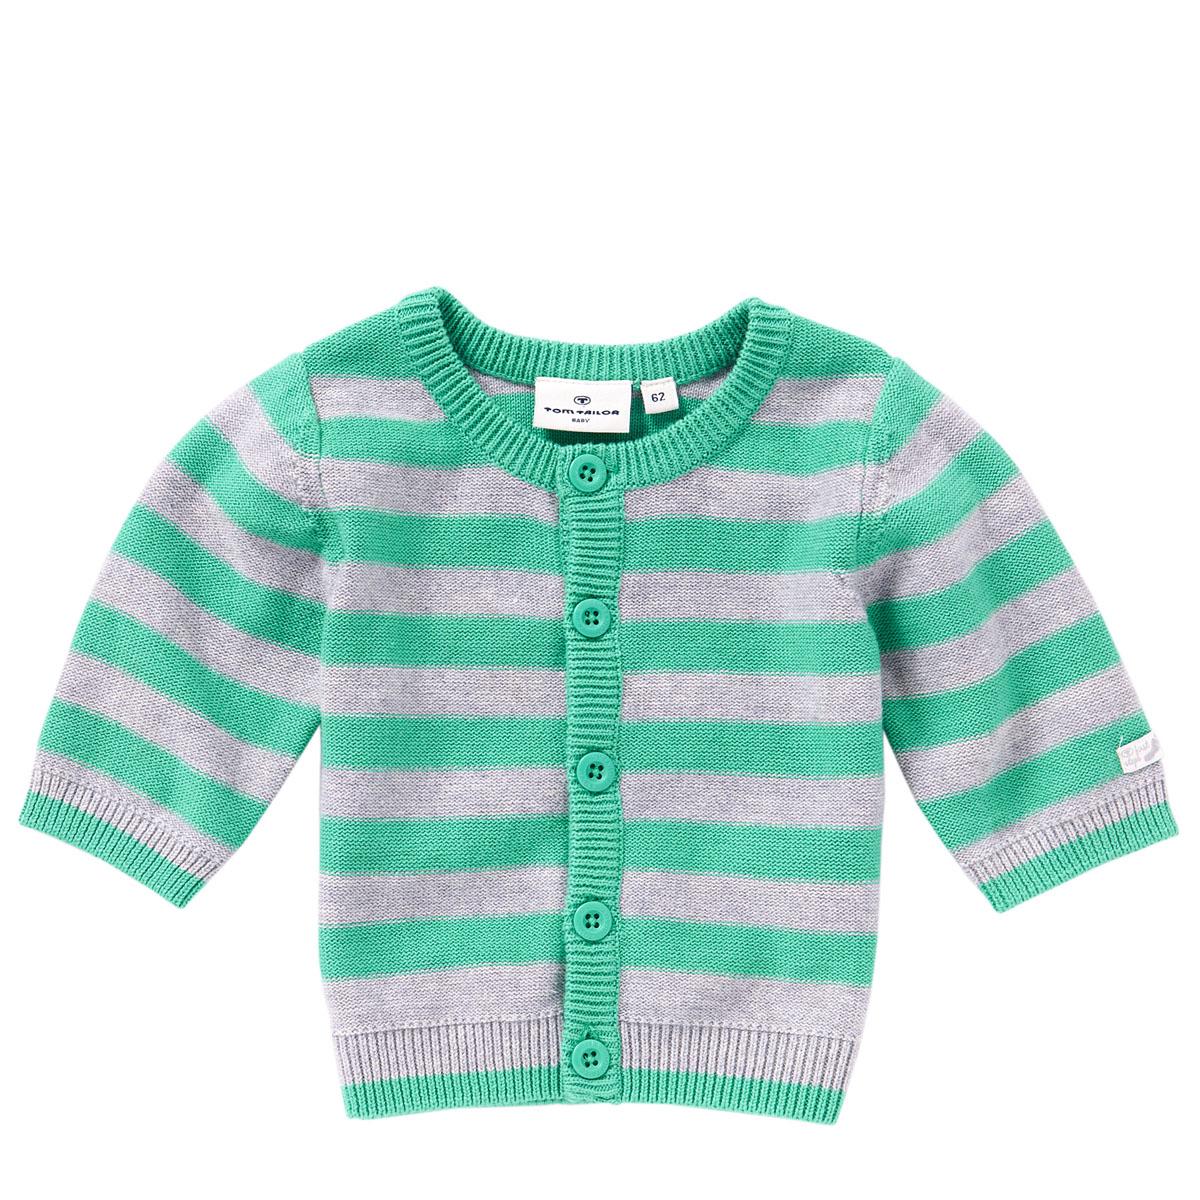 Кофта для мальчика. 3016740.00.223016740.00.22Уютная вязаная кофта для мальчика Tom Tailor идеально подойдет вашему младенцу. Хлопковая пряжа, делает ее очень мягкой, приятной, комфортной в носке. Она не сковывает движения малыша и позволяет коже дышать, не раздражает даже самую нежную и чувствительную кожу ребенка, обеспечивая ему наибольший комфорт. Кофта с длинными рукавами и круглым вырезом горловины застегивается на пуговички. Оформлена кофточка контрастными полосками. Край рукавов, вырез горловины и низ модели связаны мелкой резинкой. Такая кофта - незаменимая вещь в гардеробе младенца, она отлично сочетается с брюками.